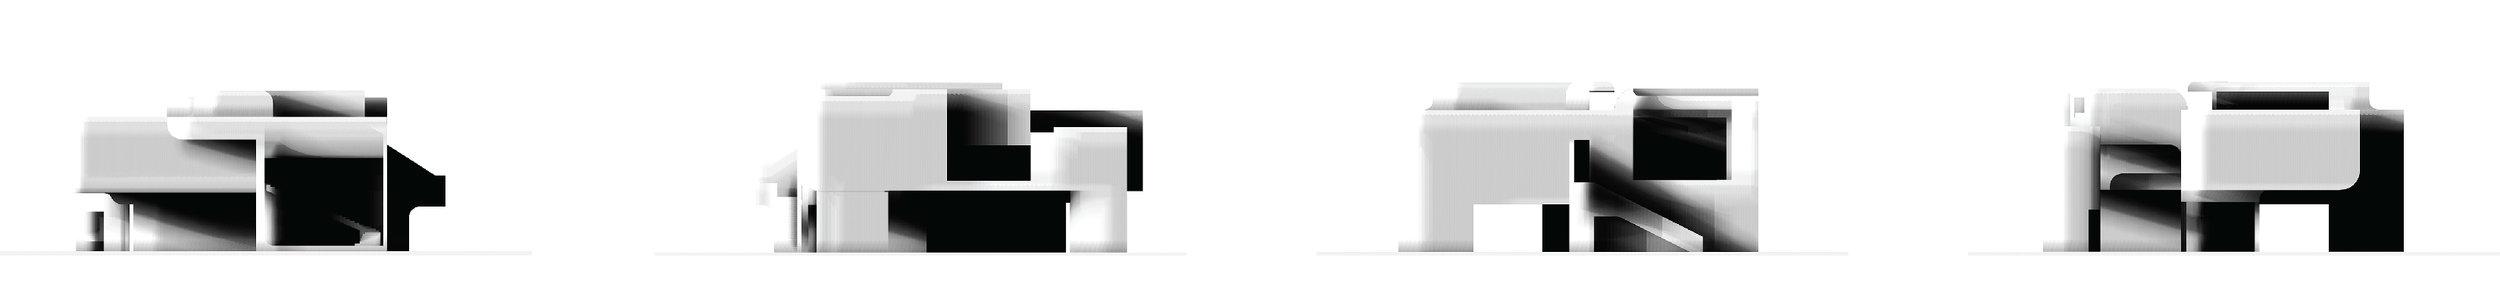 Exposure_Website-06.jpg